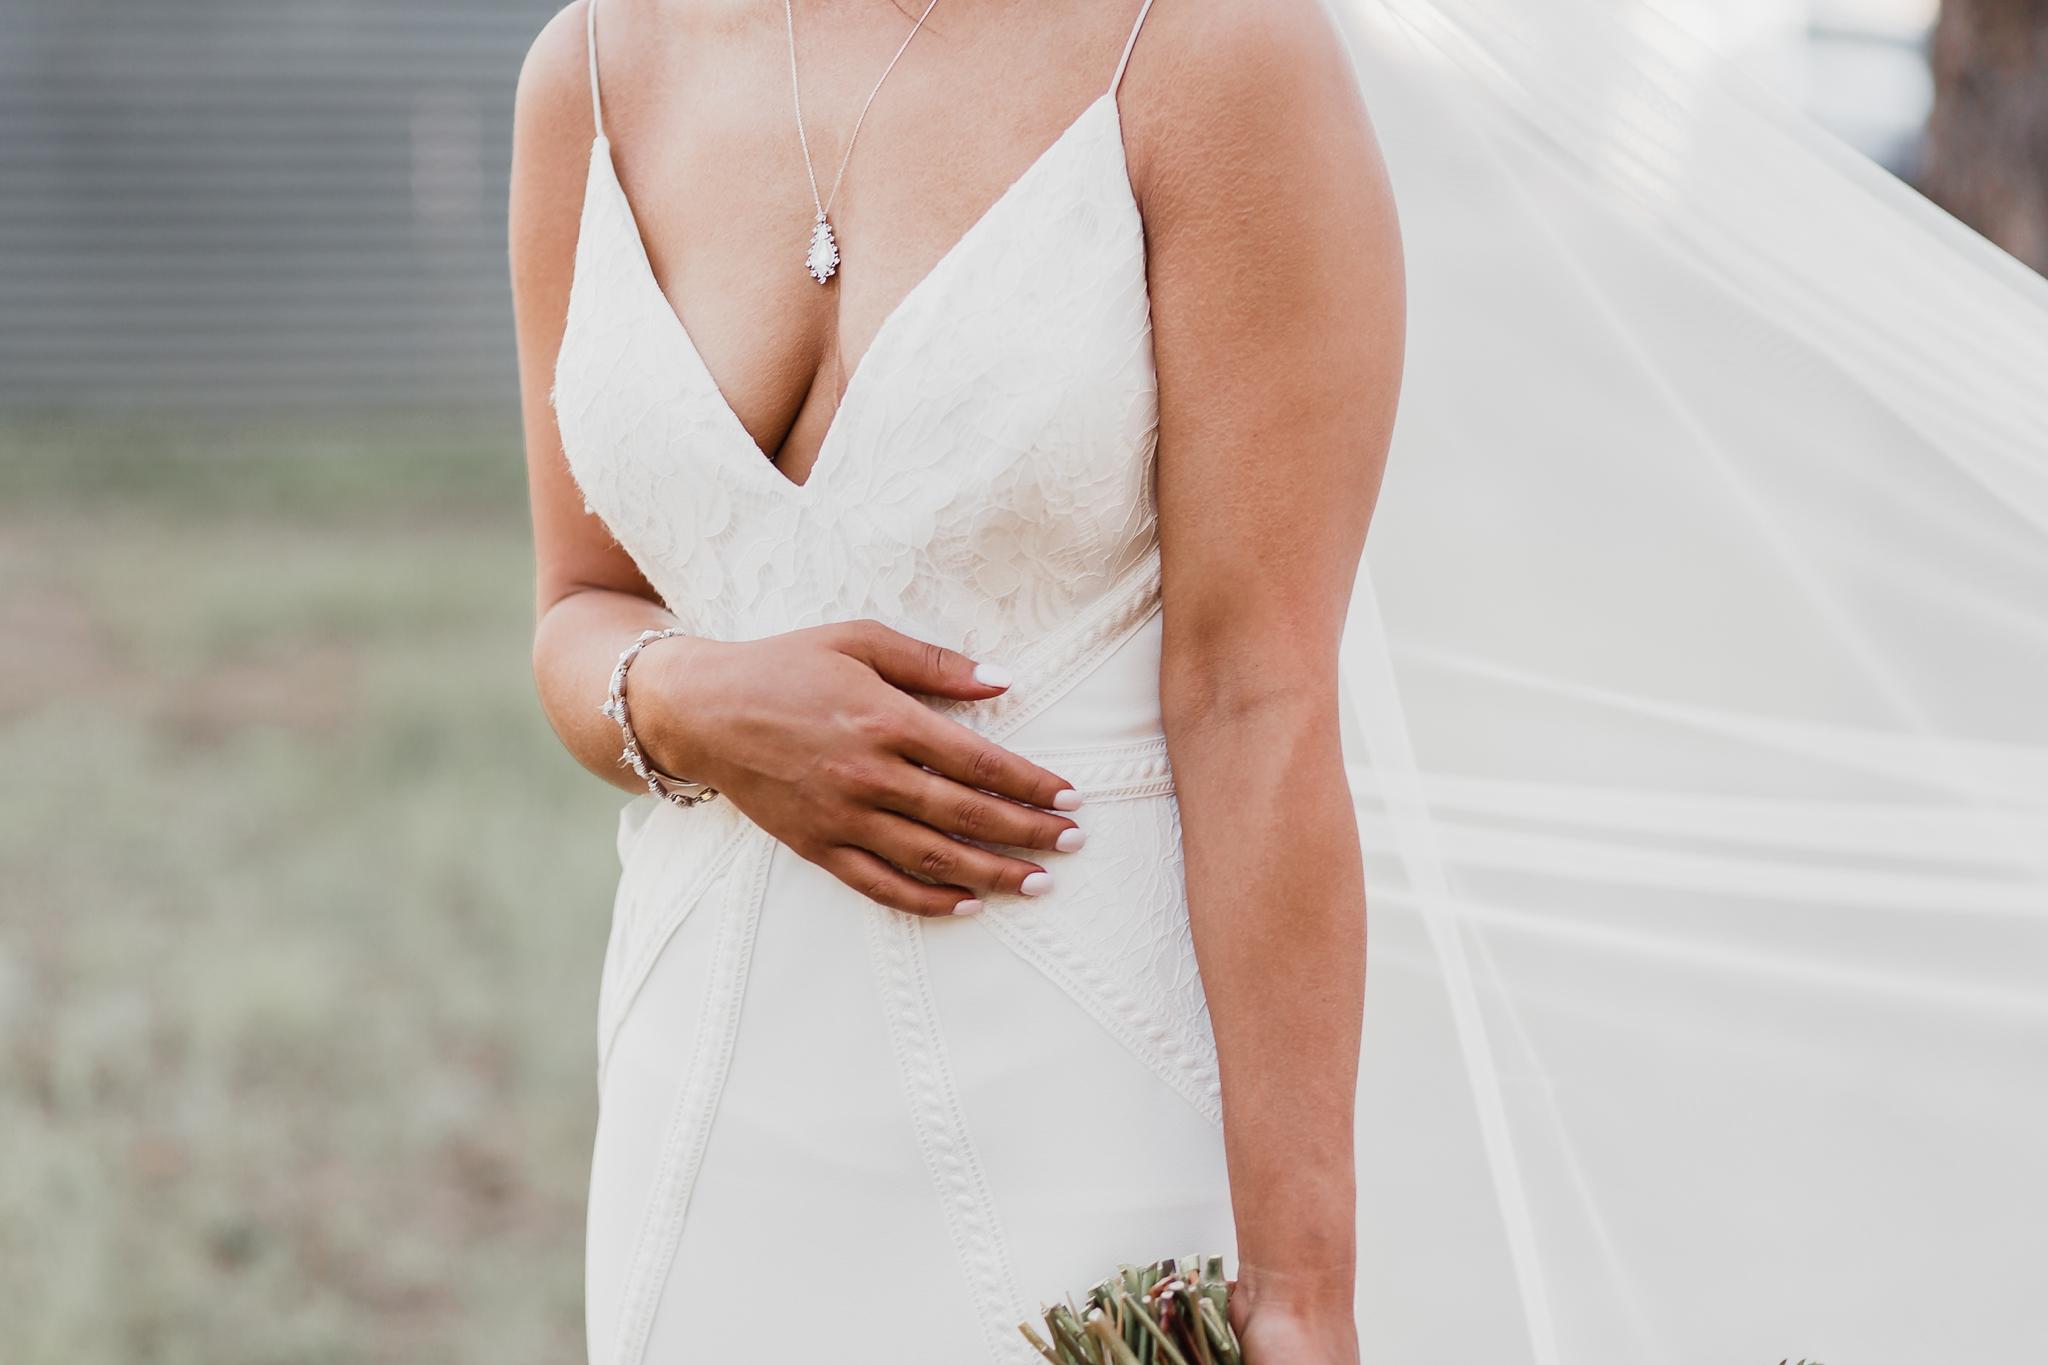 Alicia+lucia+photography+-+albuquerque+wedding+photographer+-+santa+fe+wedding+photography+-+new+mexico+wedding+photographer+-+new+mexico+wedding+-+new+mexico+wedding+-+barn+wedding+-+enchanted+vine+barn+wedding+-+ruidoso+wedding_0124.jpg